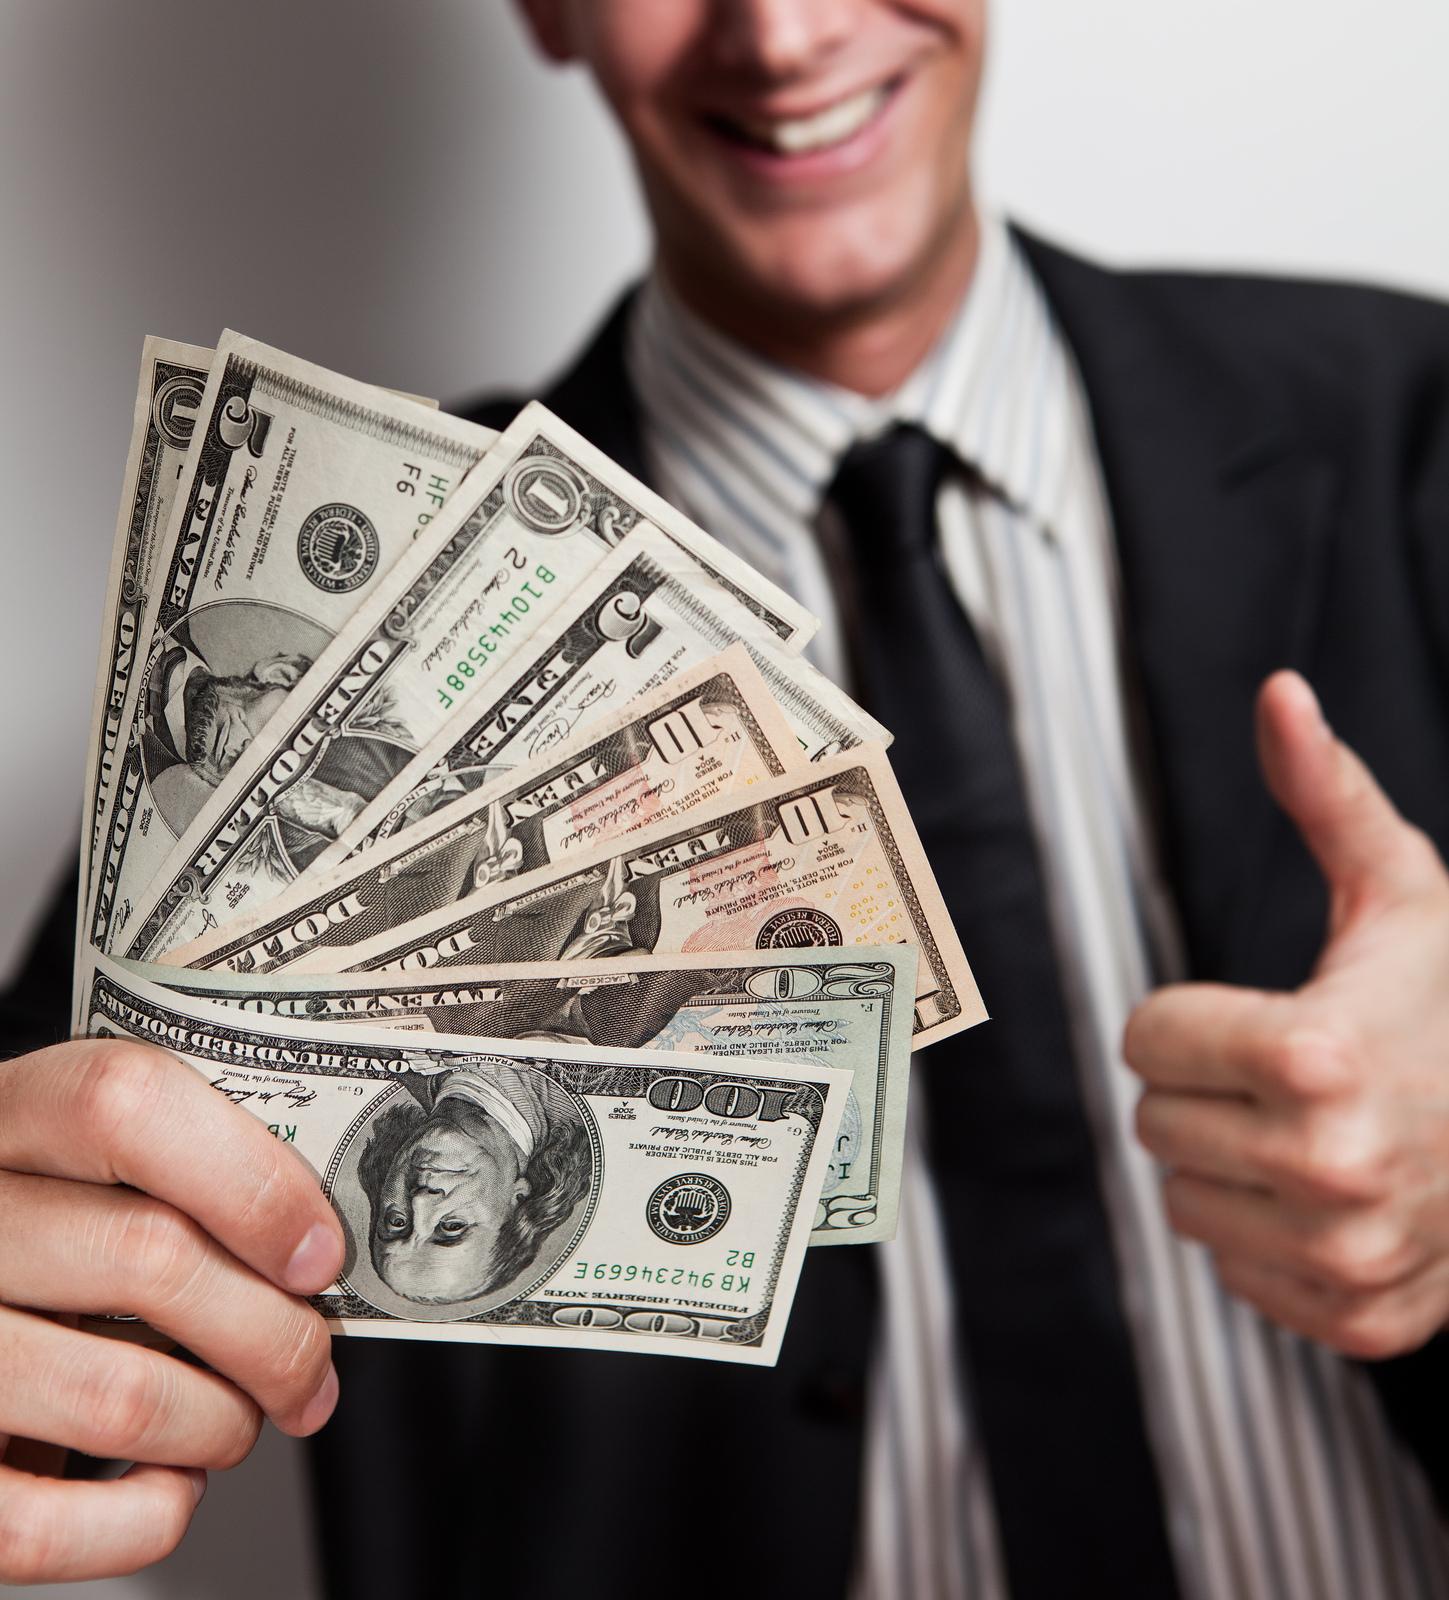 Магия удачиУдача  прибыль богатство деньги и везение